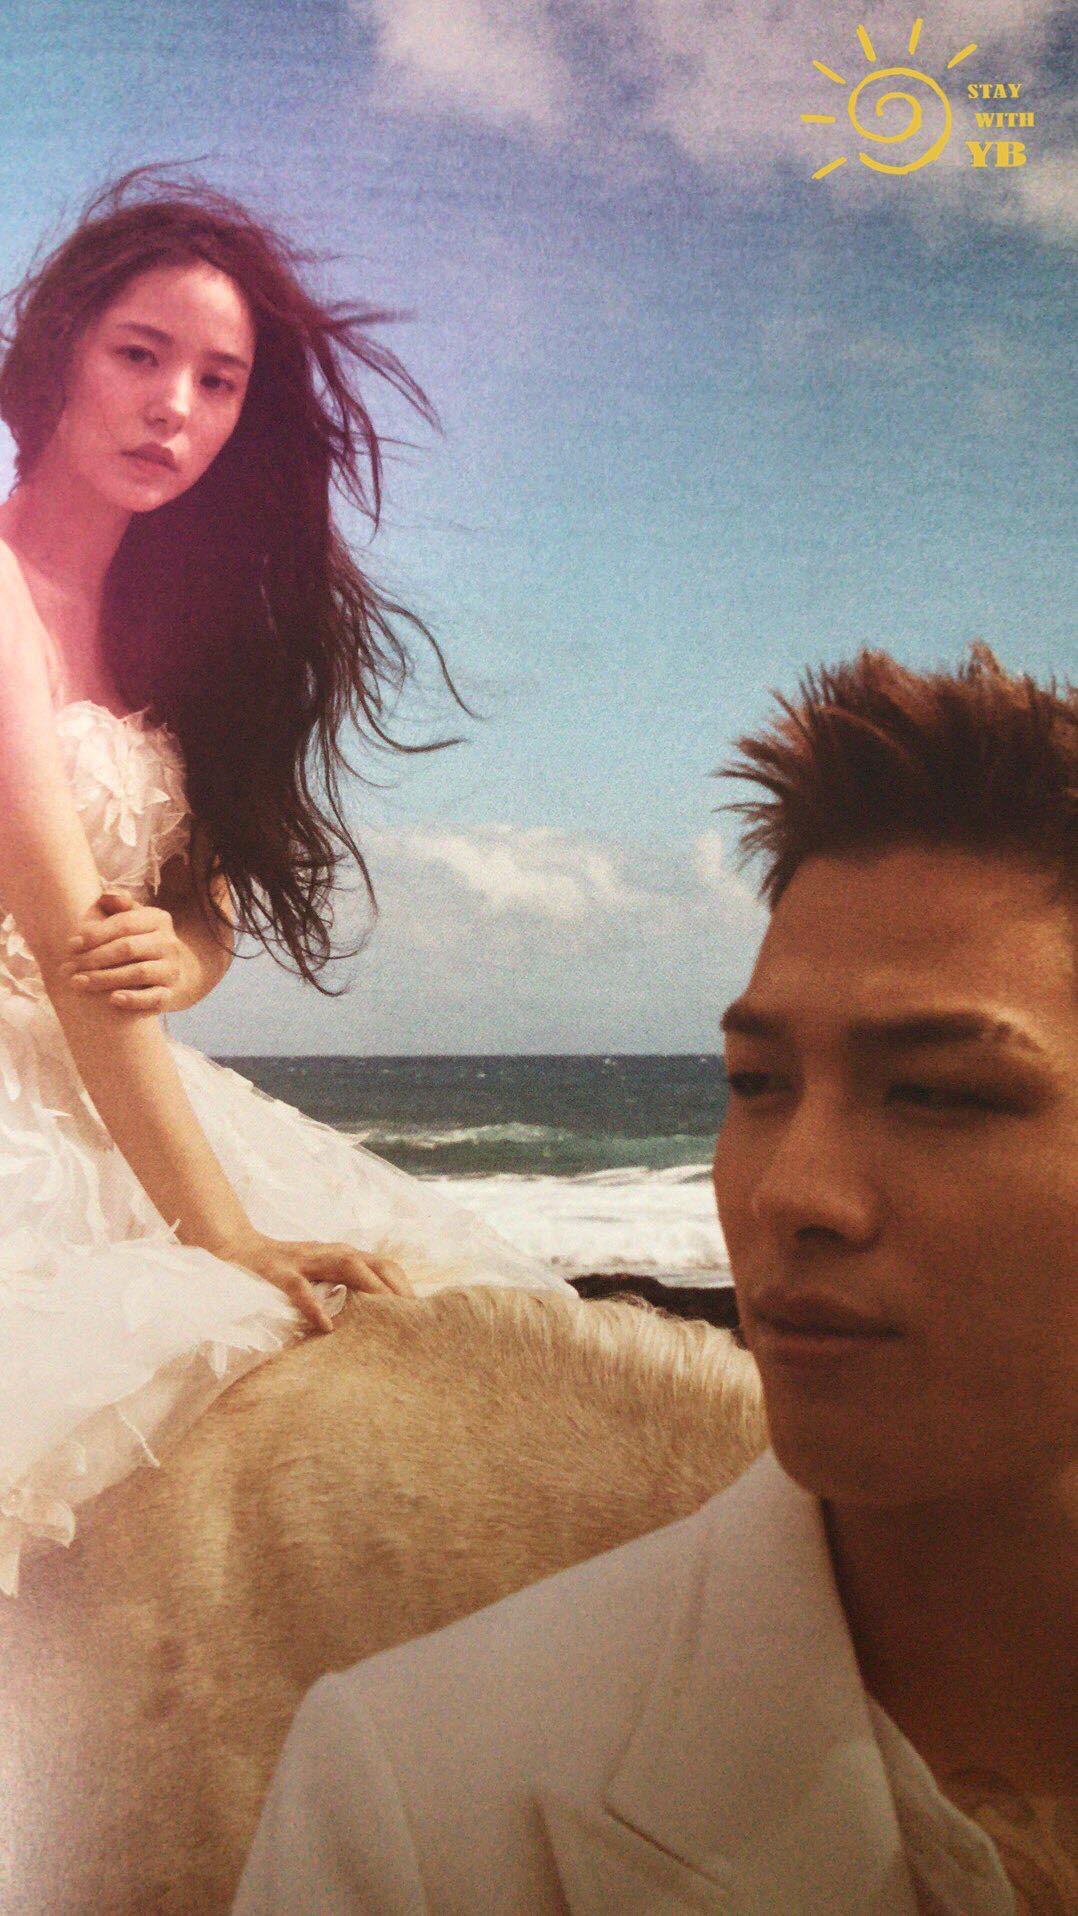 Ngã ngửa vì Min Hyo Rin khoe ngực khủng như sắp tràn, Taeyang... đội khăn voan cô dâu trong hình cưới - Ảnh 8.